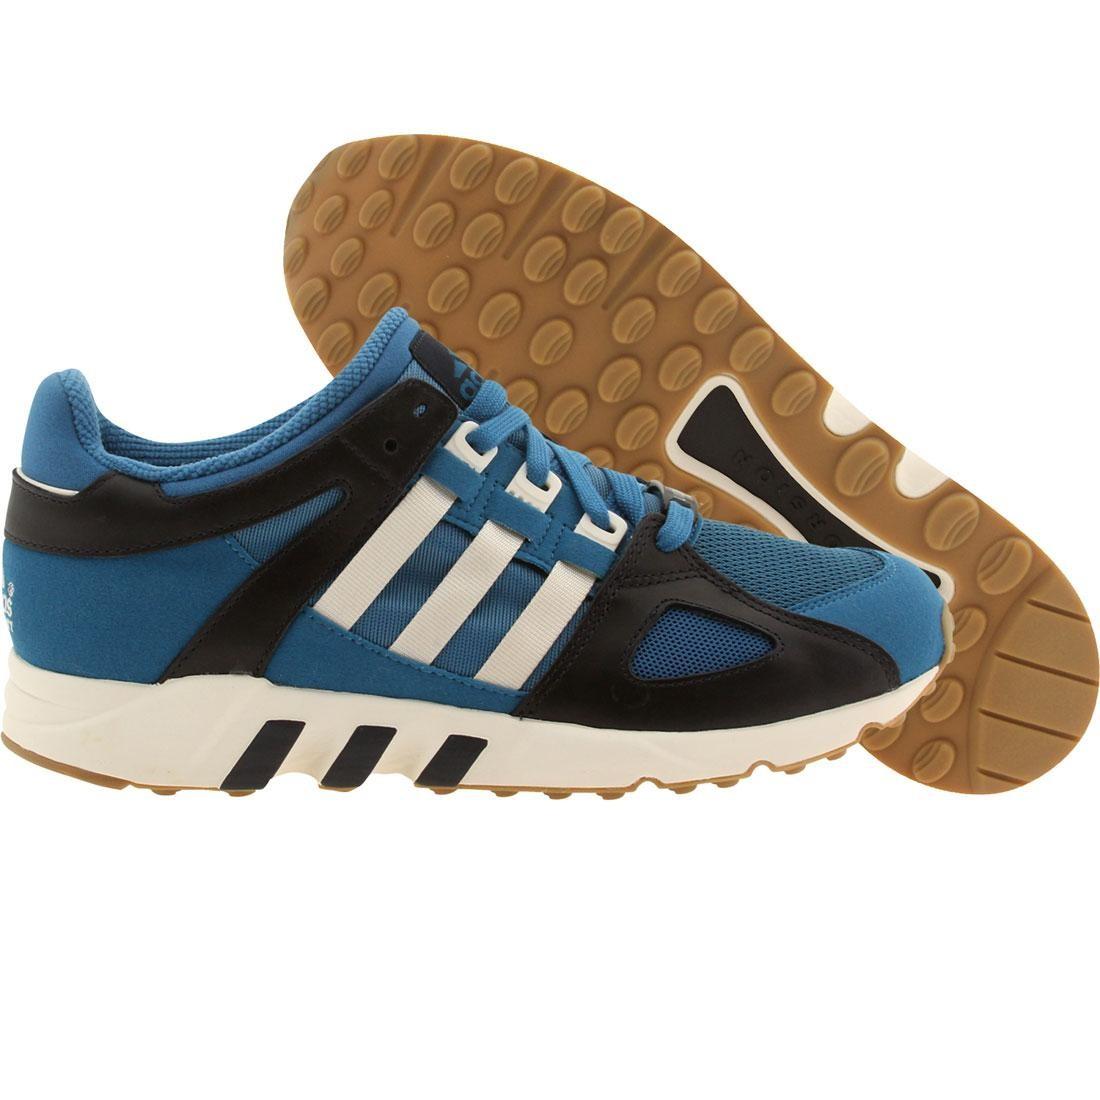 【海外限定】アディダス メンズ靴 スニーカー 【 ADIDAS MEN EQUIPMENT RUNNING GUIDANCE BLUE HERBLU CWHITE LEGINK 】